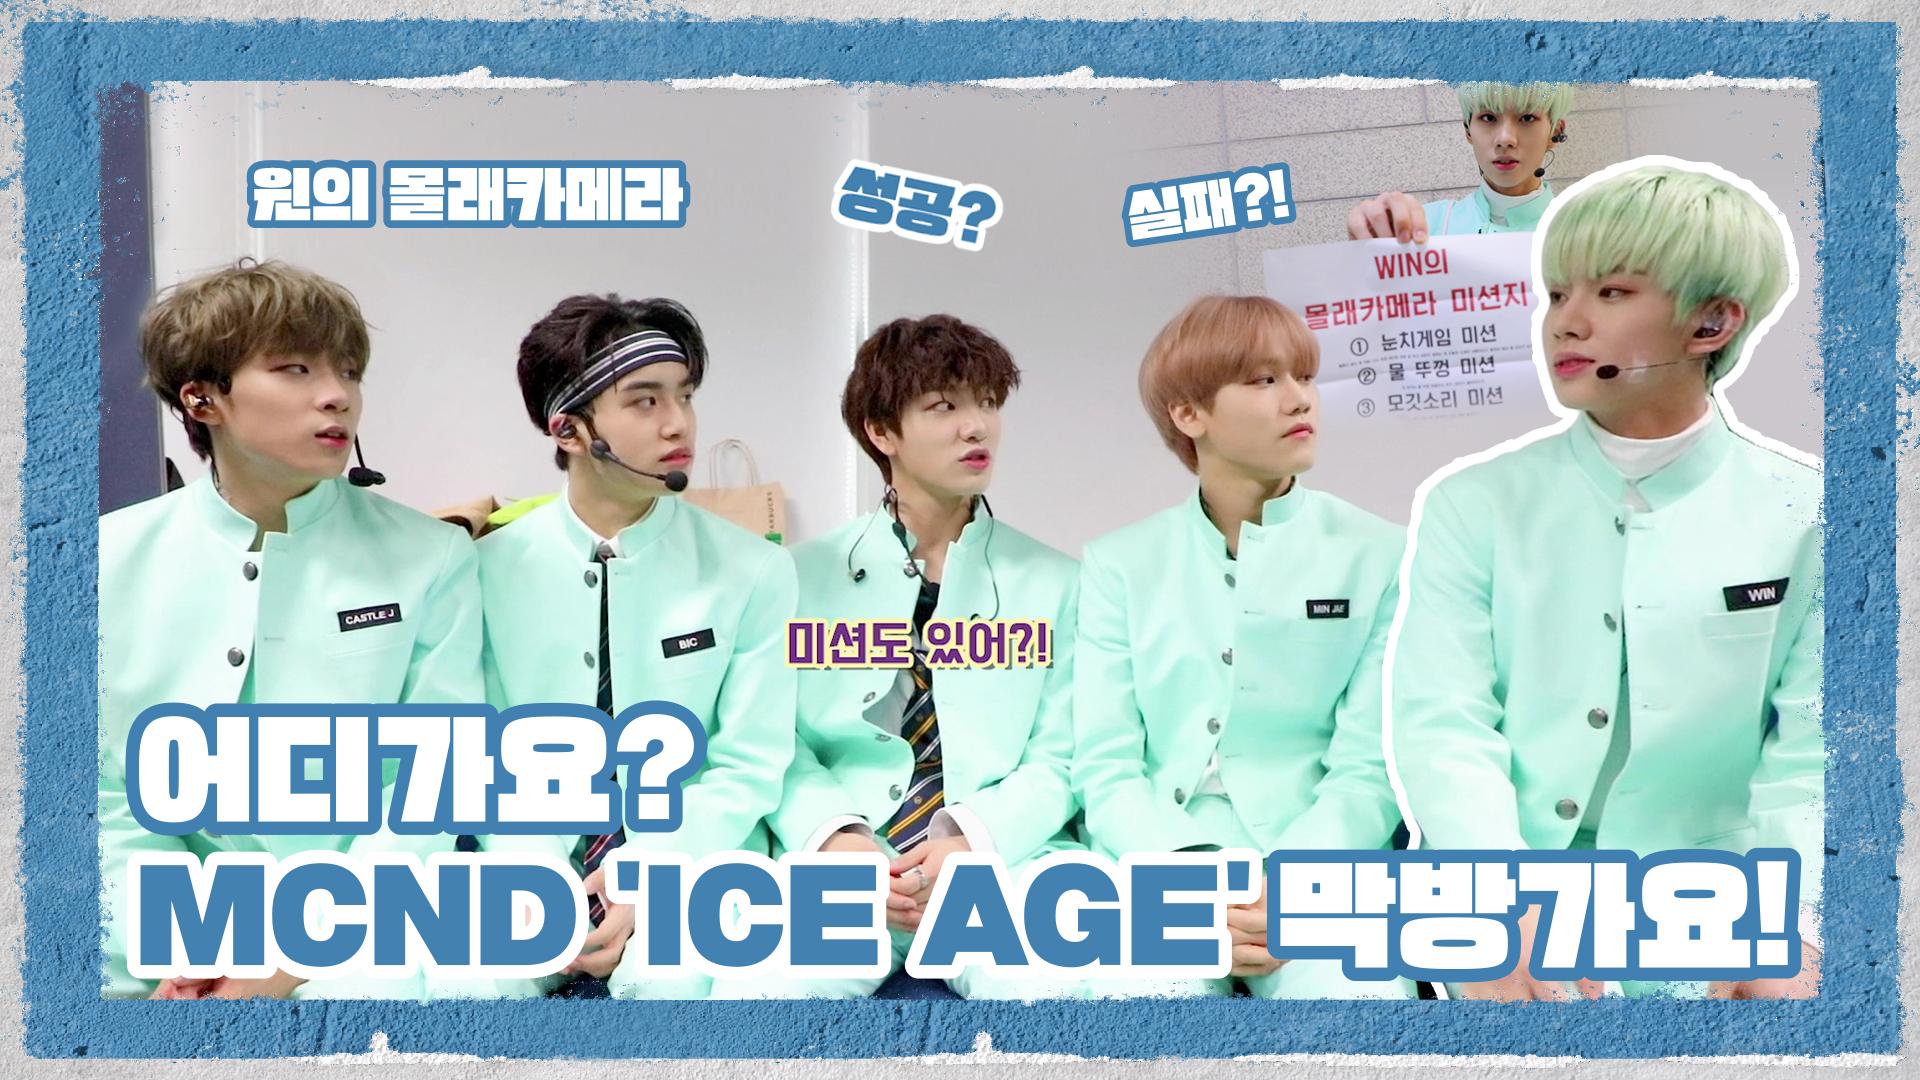 [Let's Play MCND] M-HINDㅣ어디가요? MCND 'ICE AGE' 막방가요!